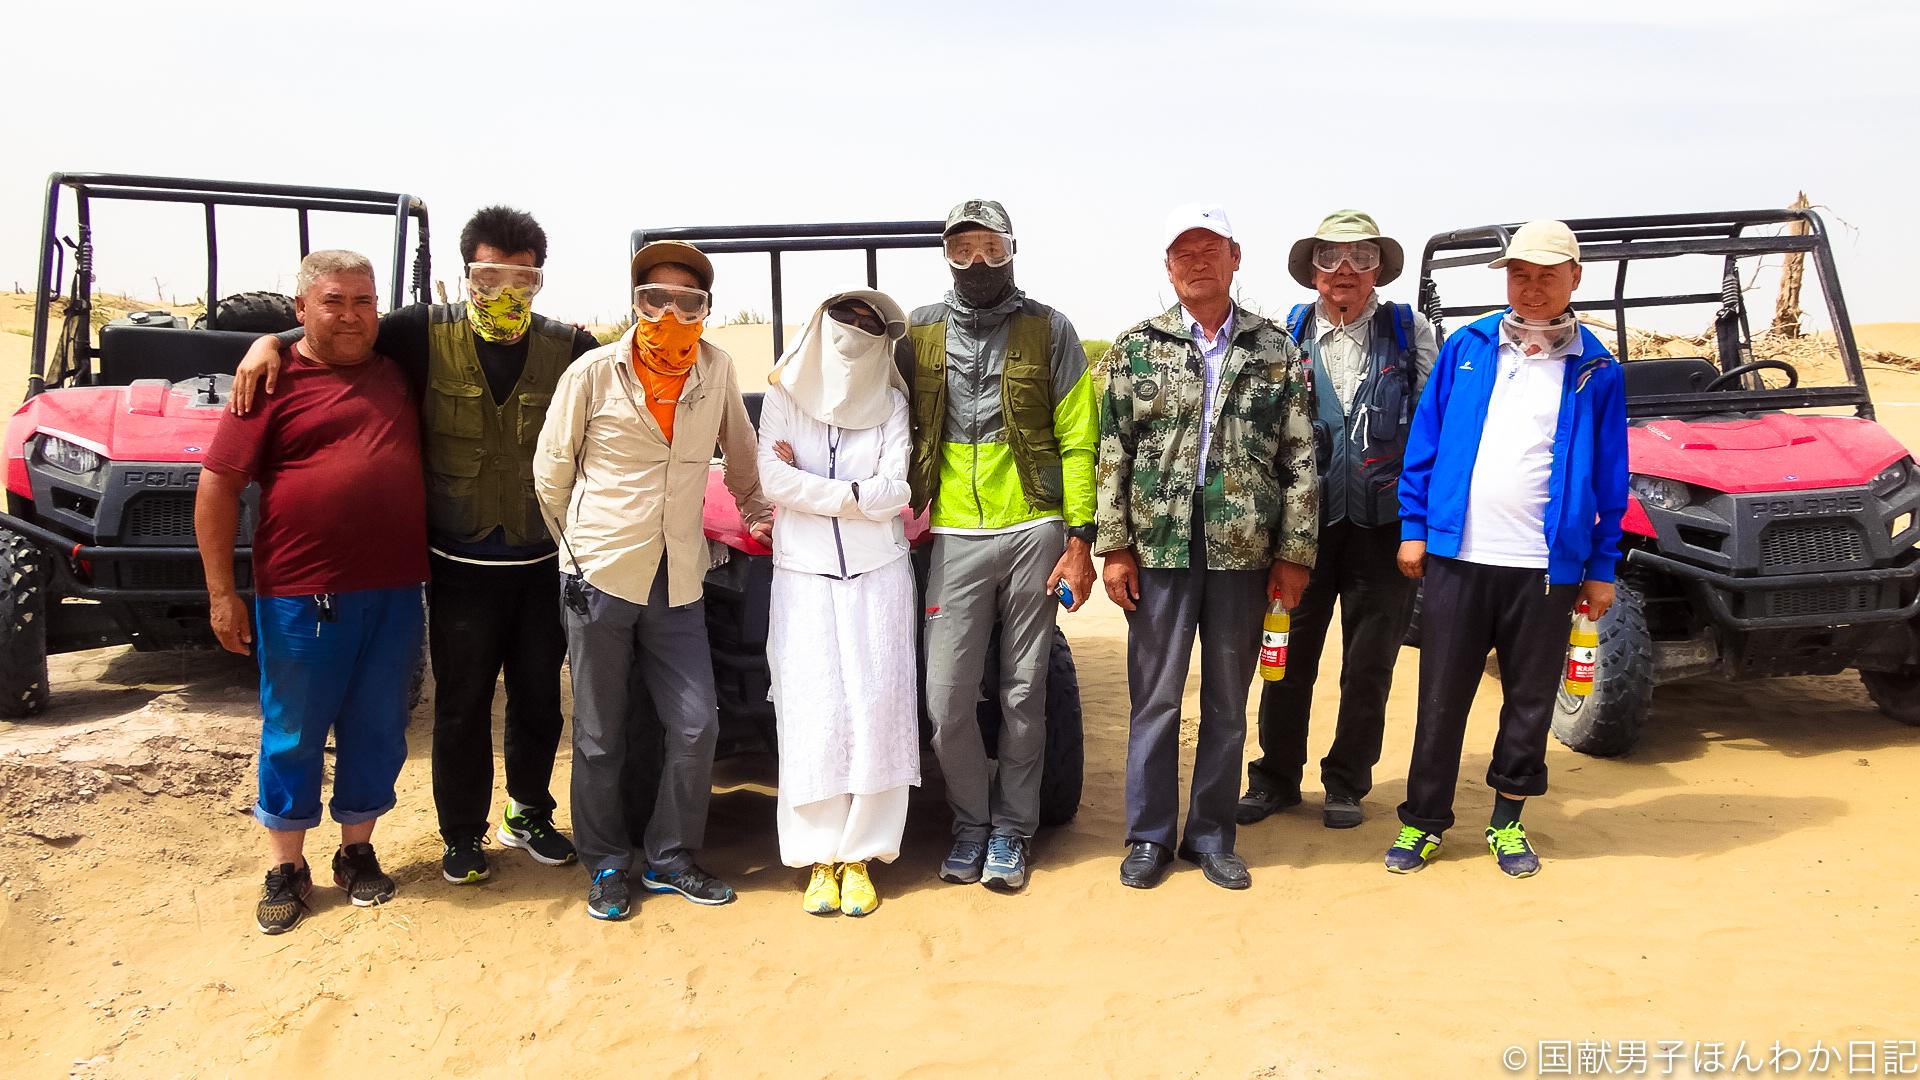 天津TVクルー4人の「マスクとゴーグル」から砂嵐の凄さをご想像あれ(17.6.27撮影:筆者)